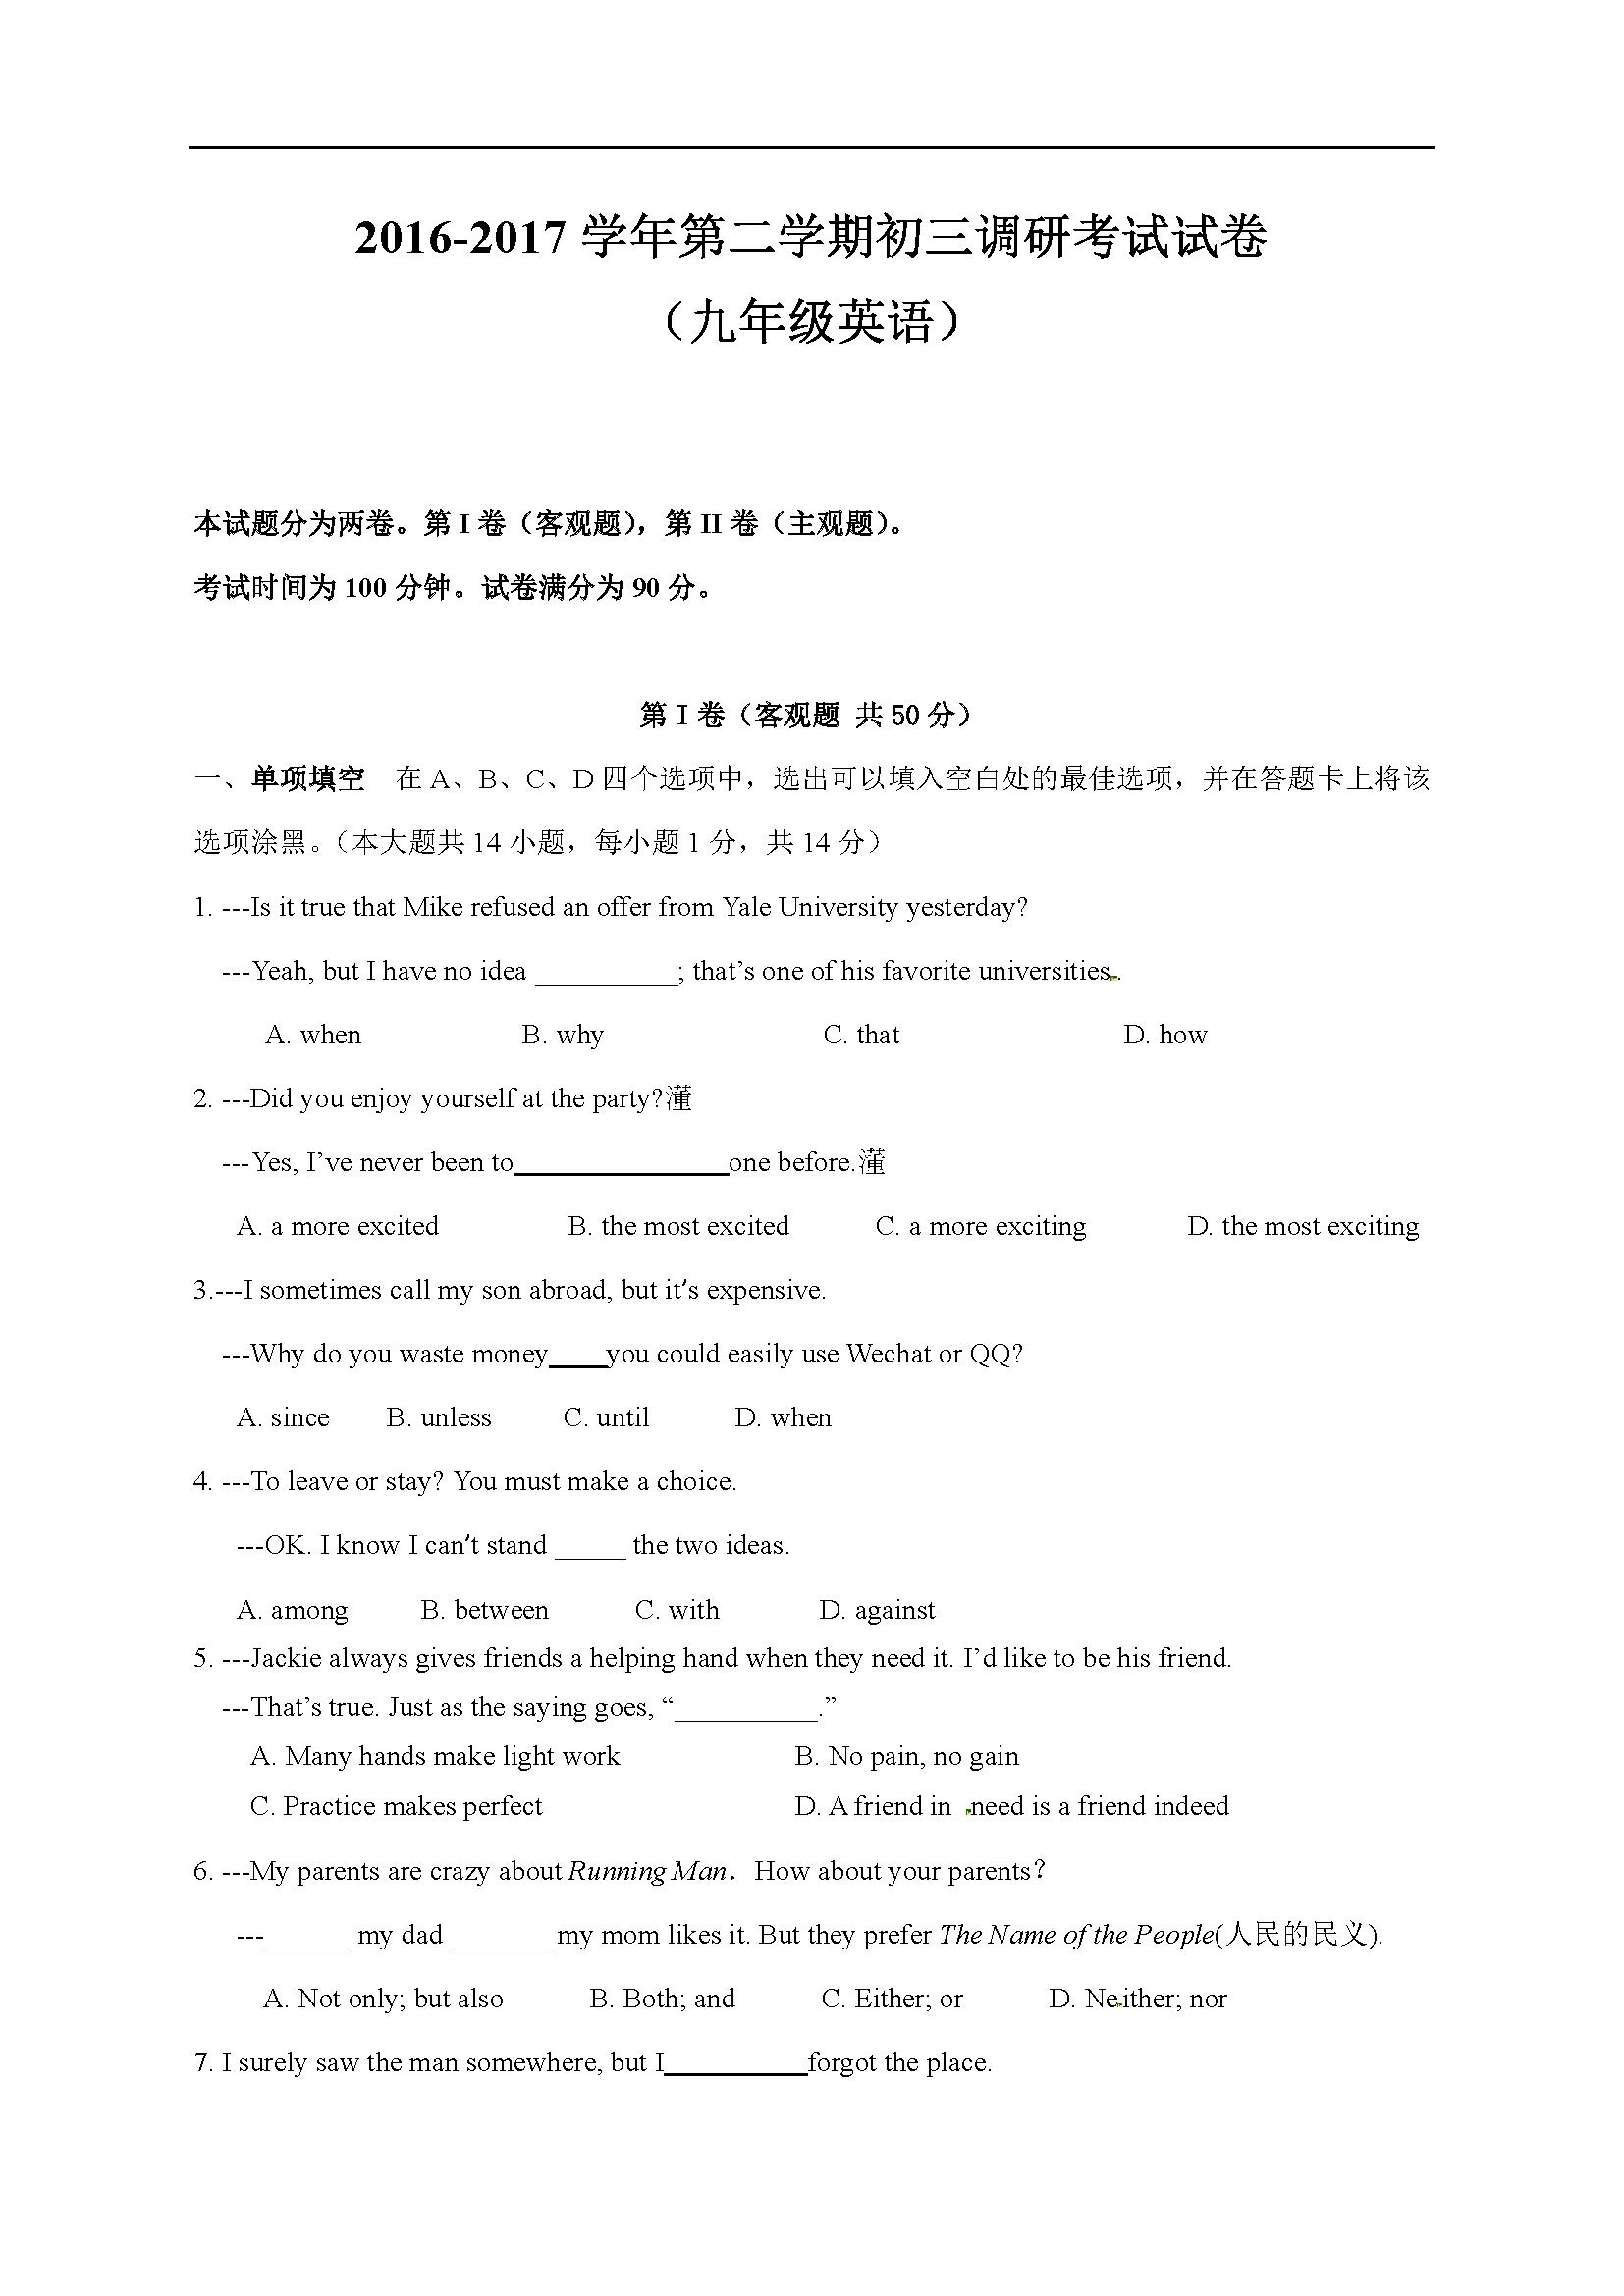 2017江苏江阴暨阳中学九年级5月模拟英语试题(图片版)